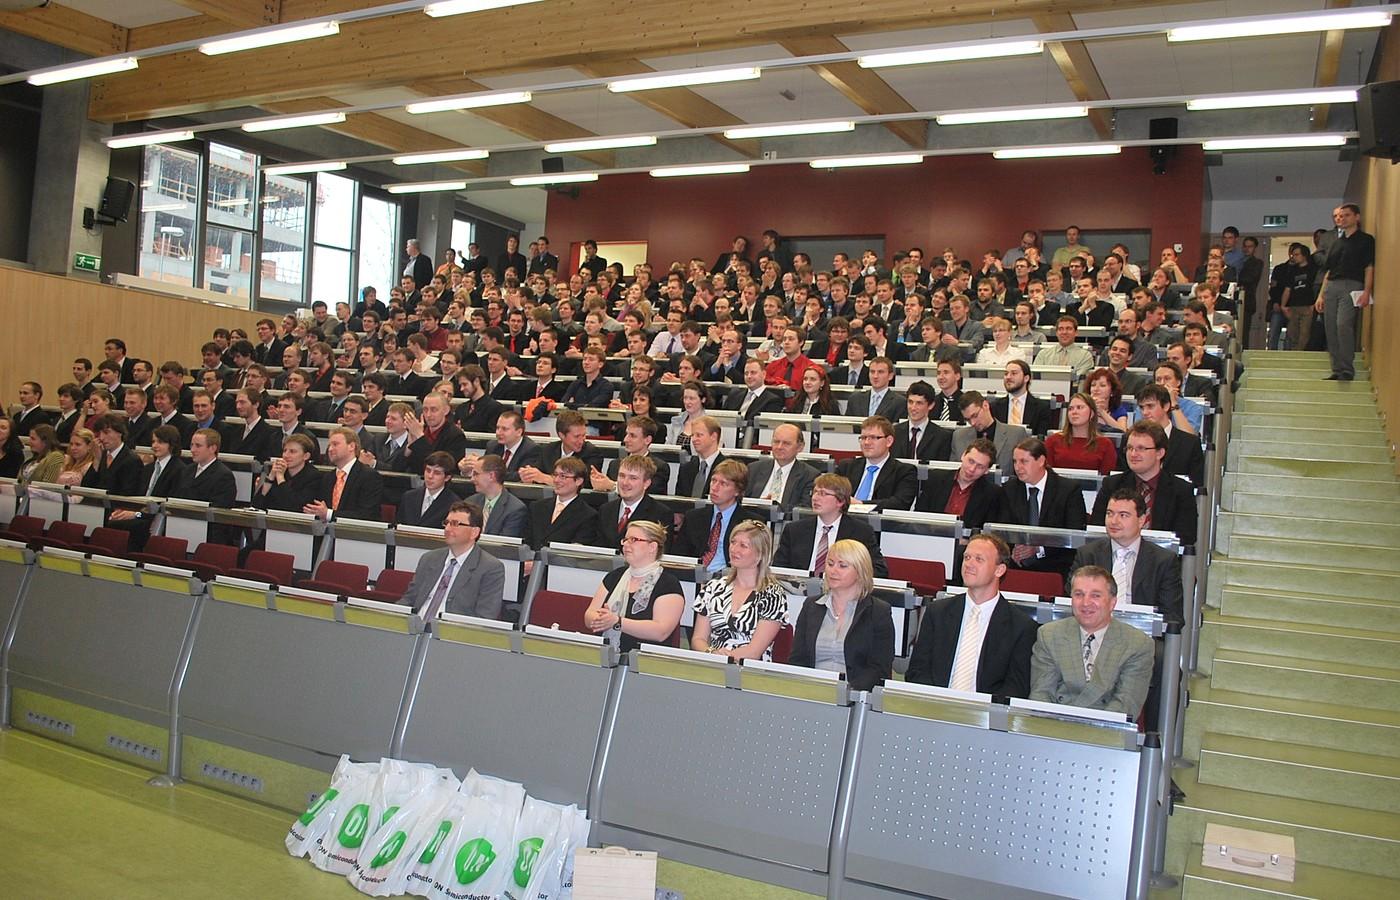 Účastníků konference bylo rekordní množství